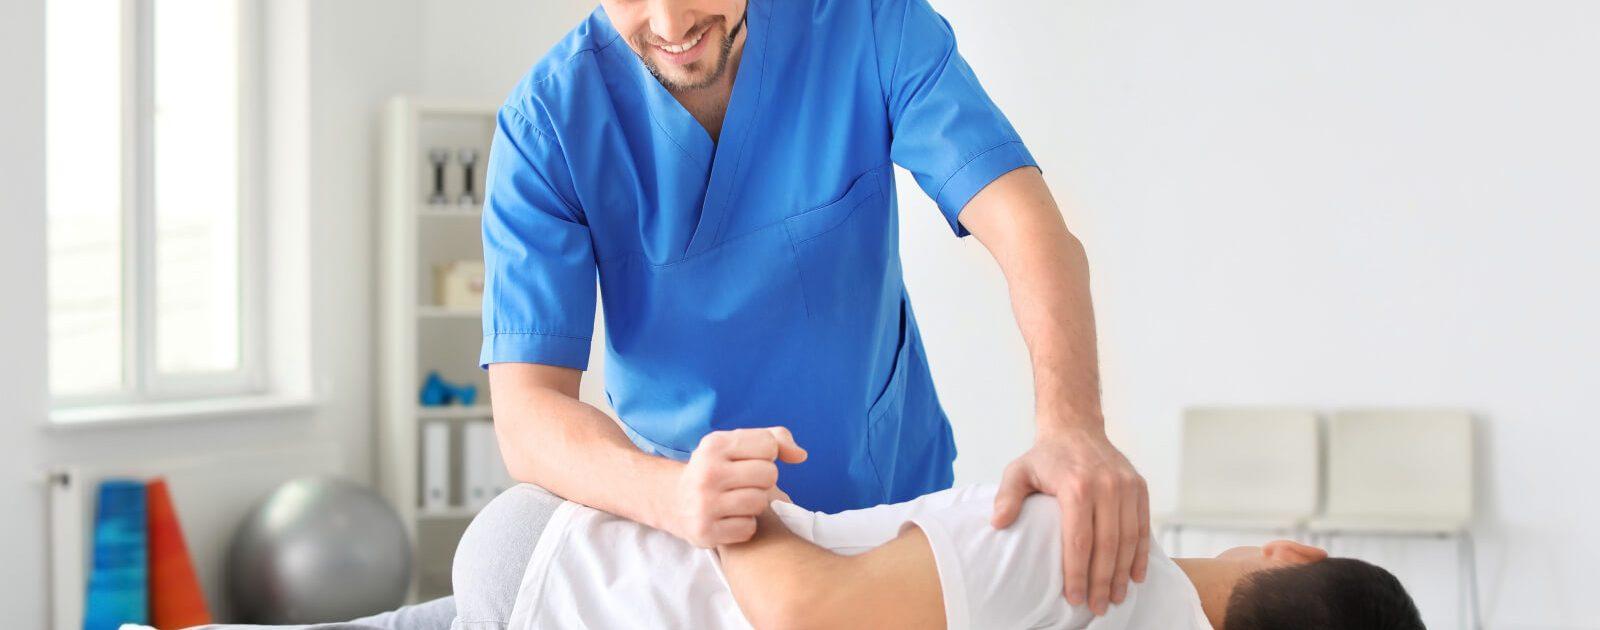 Mann mit Nervenschädigungen wird behandelt